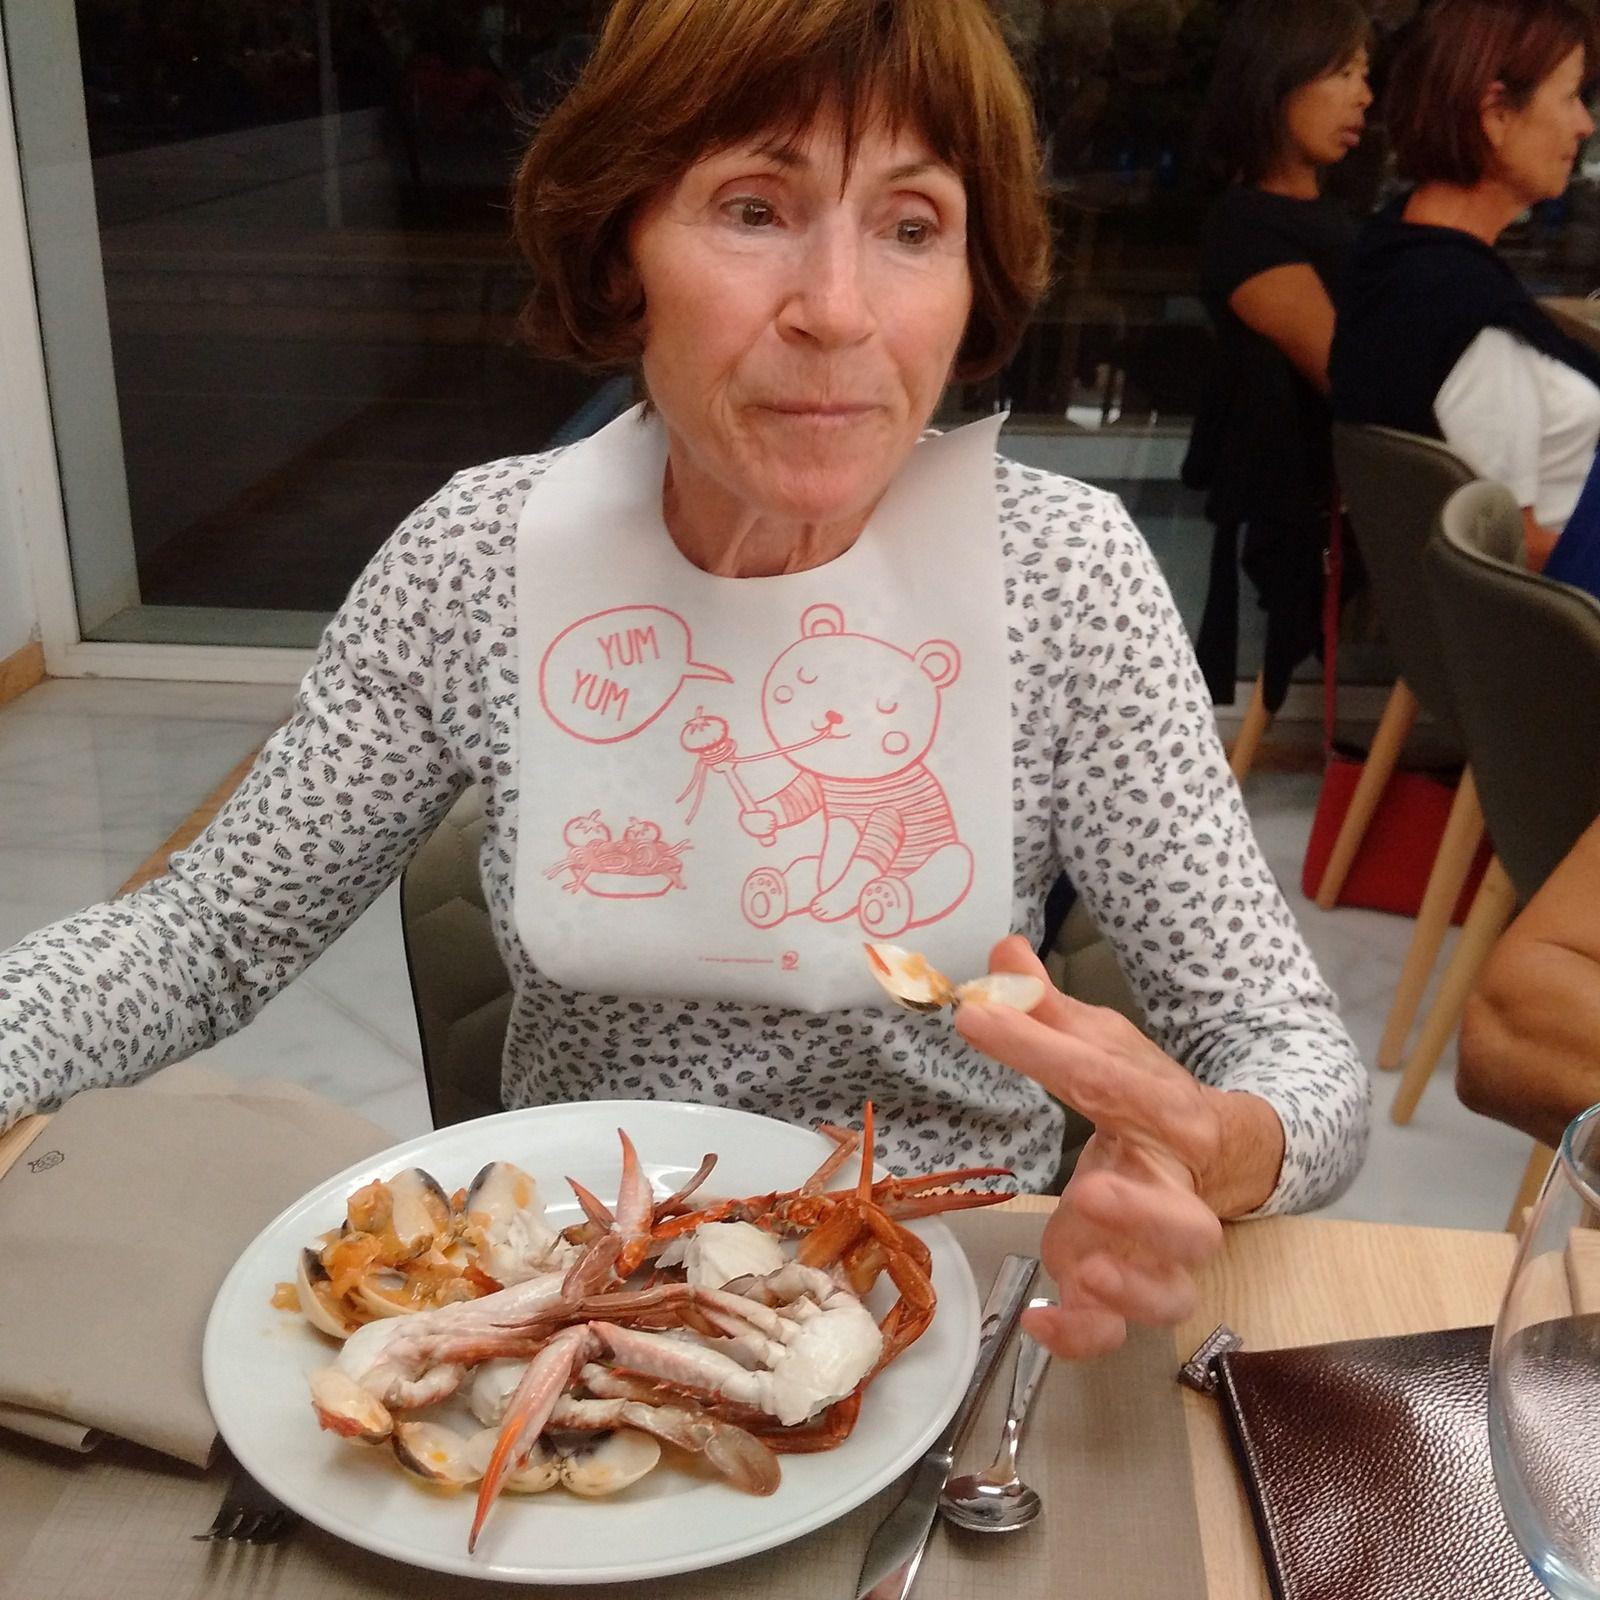 Les fruits de mer...un régal pour Marie Jeanne